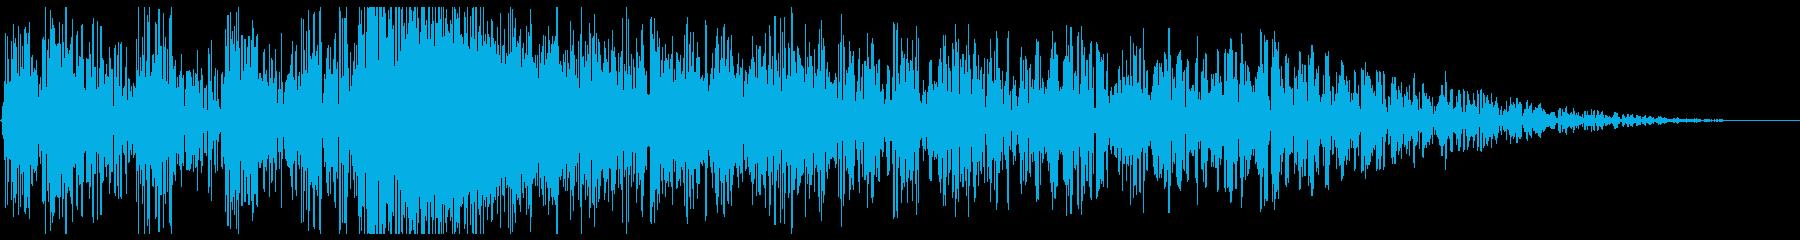 ドンドンバシューン(爆弾の音)の再生済みの波形